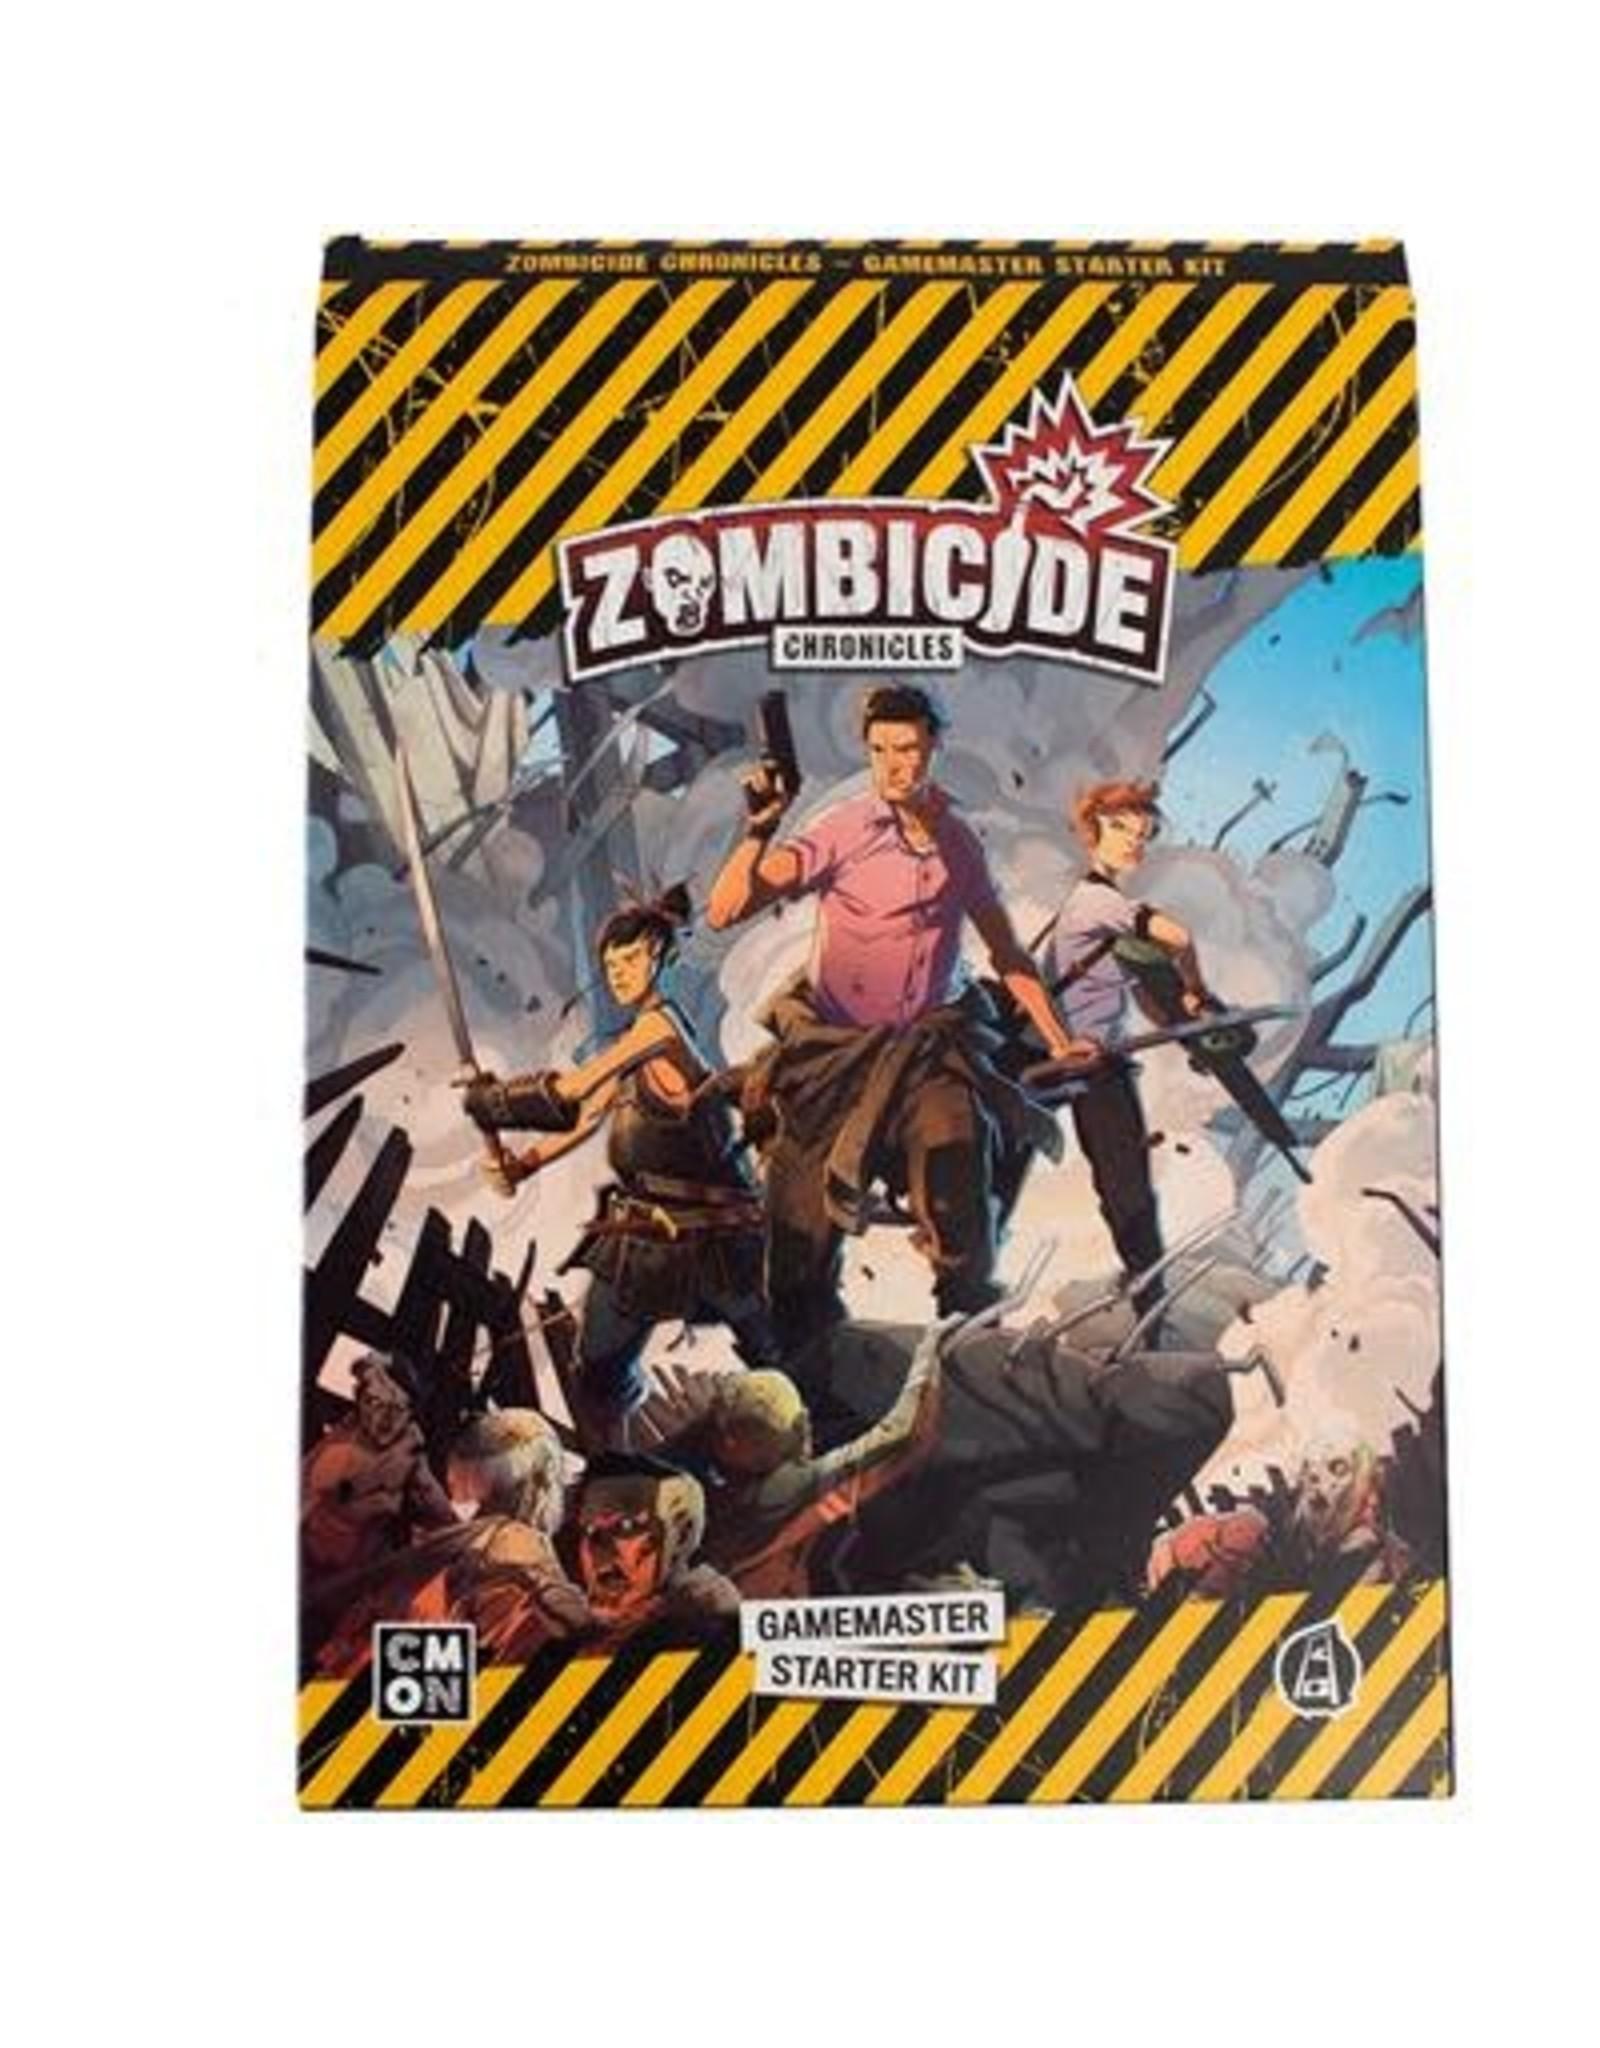 CMON Zombicide Chronicles RPG GameMaster Starter Kit